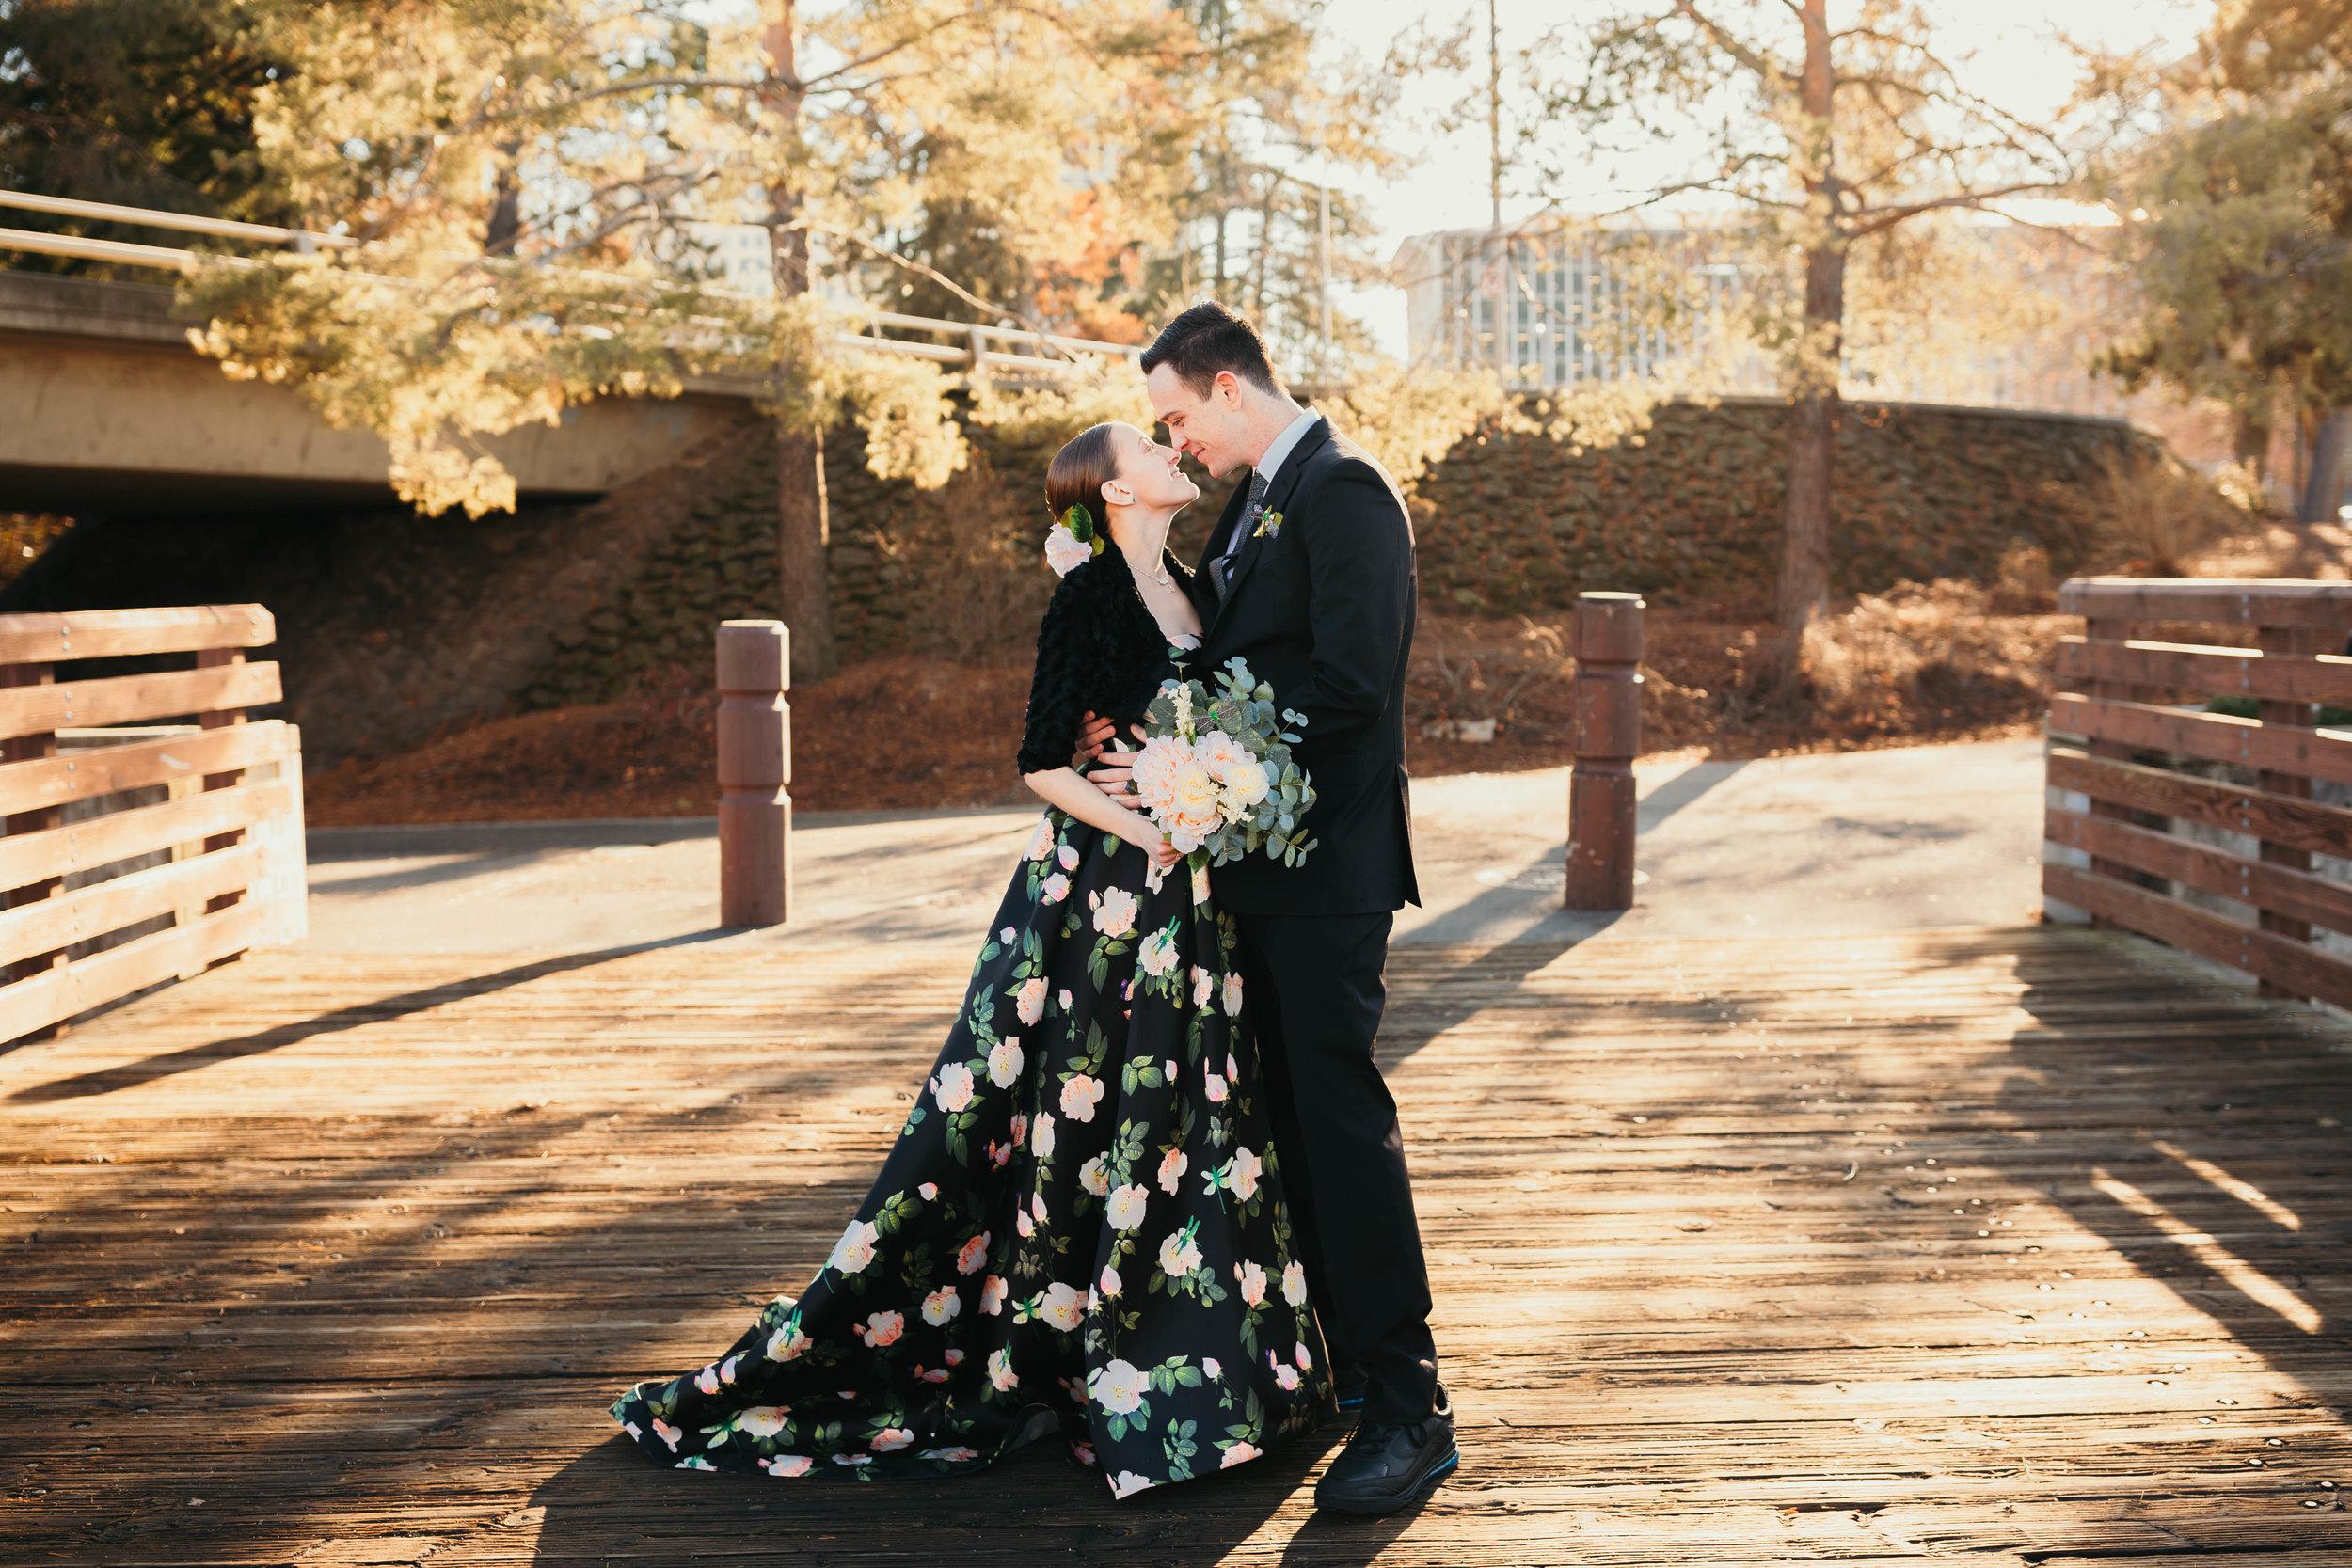 izzy+jacob-weddingsneakpeekblog-72.jpg